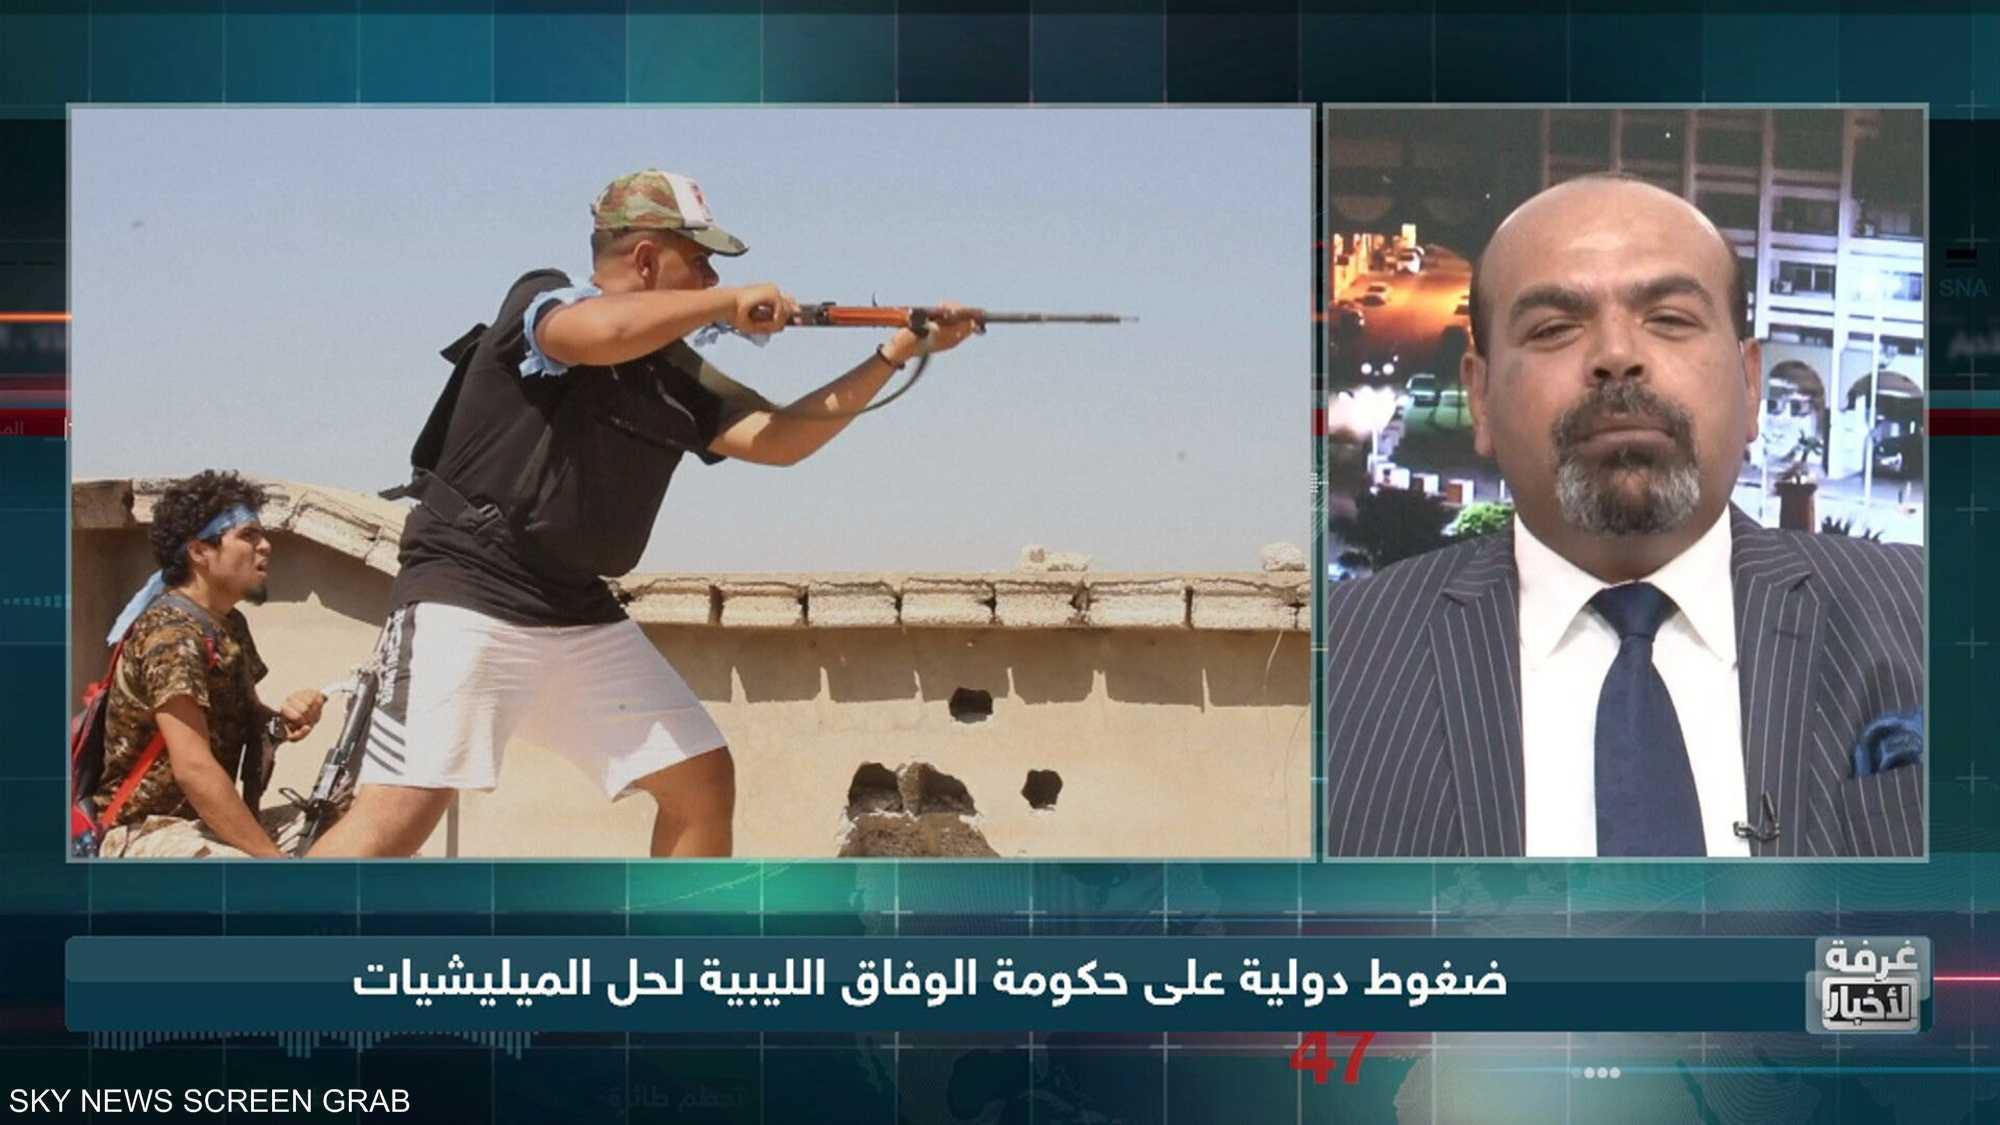 الاشتباكات بين ميليشيا طرابلس.. مزيد من الانقسام وتنديد دولي